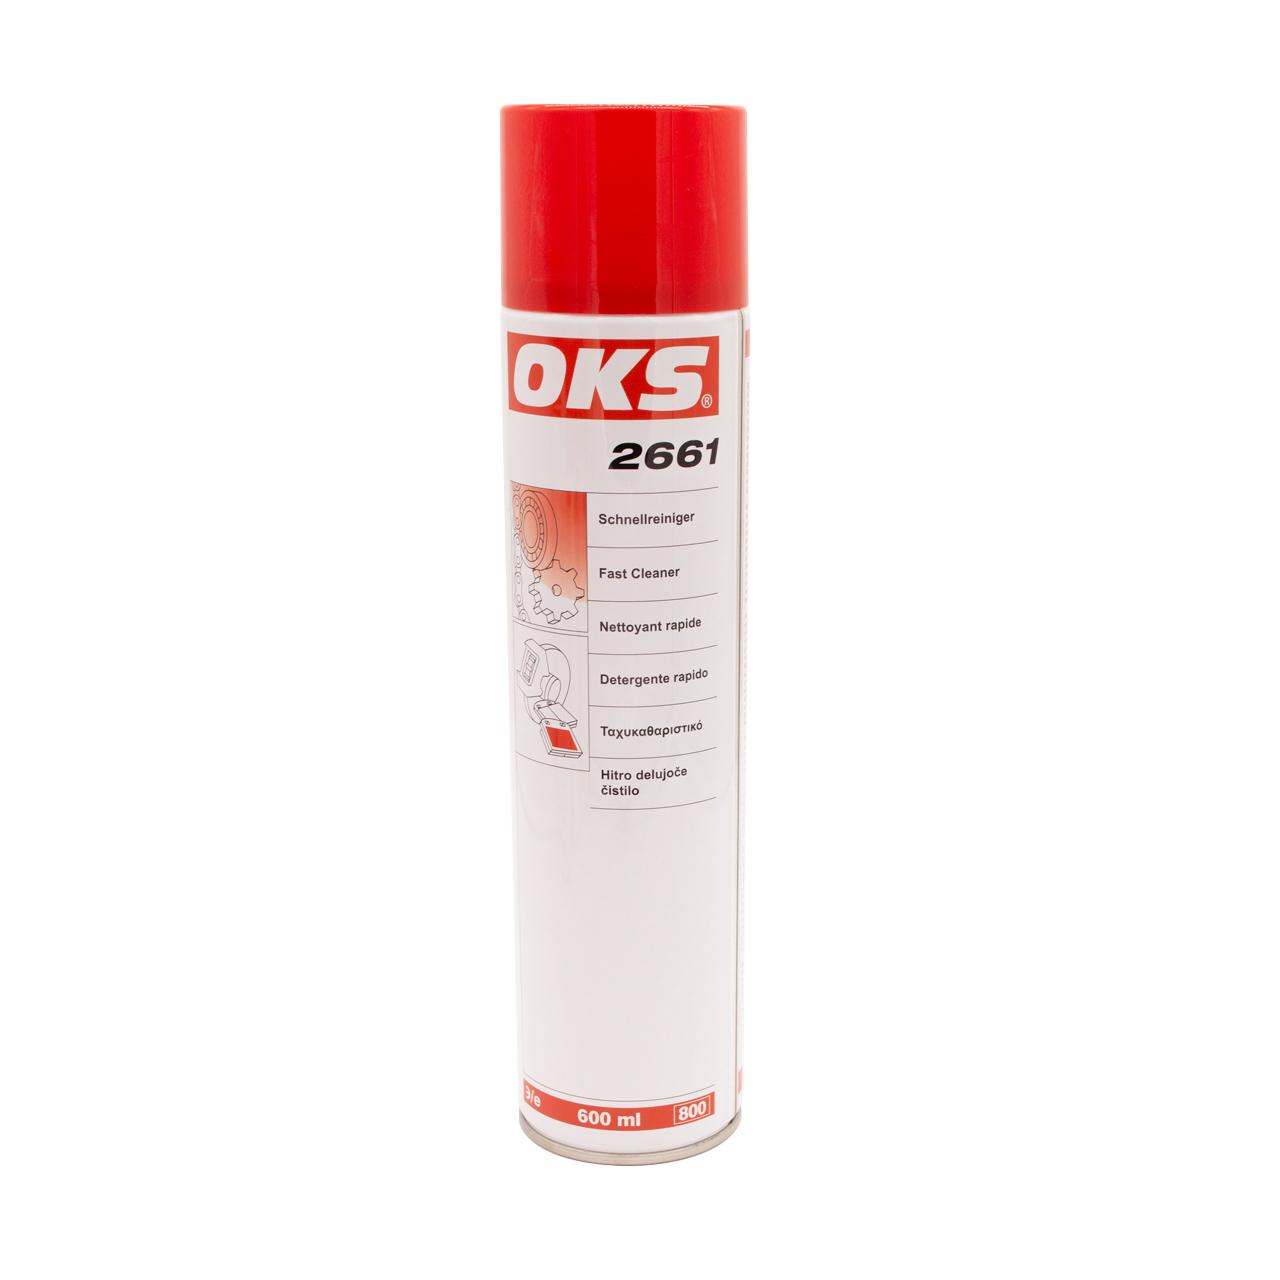 OKS 2661 Schnellreiniger